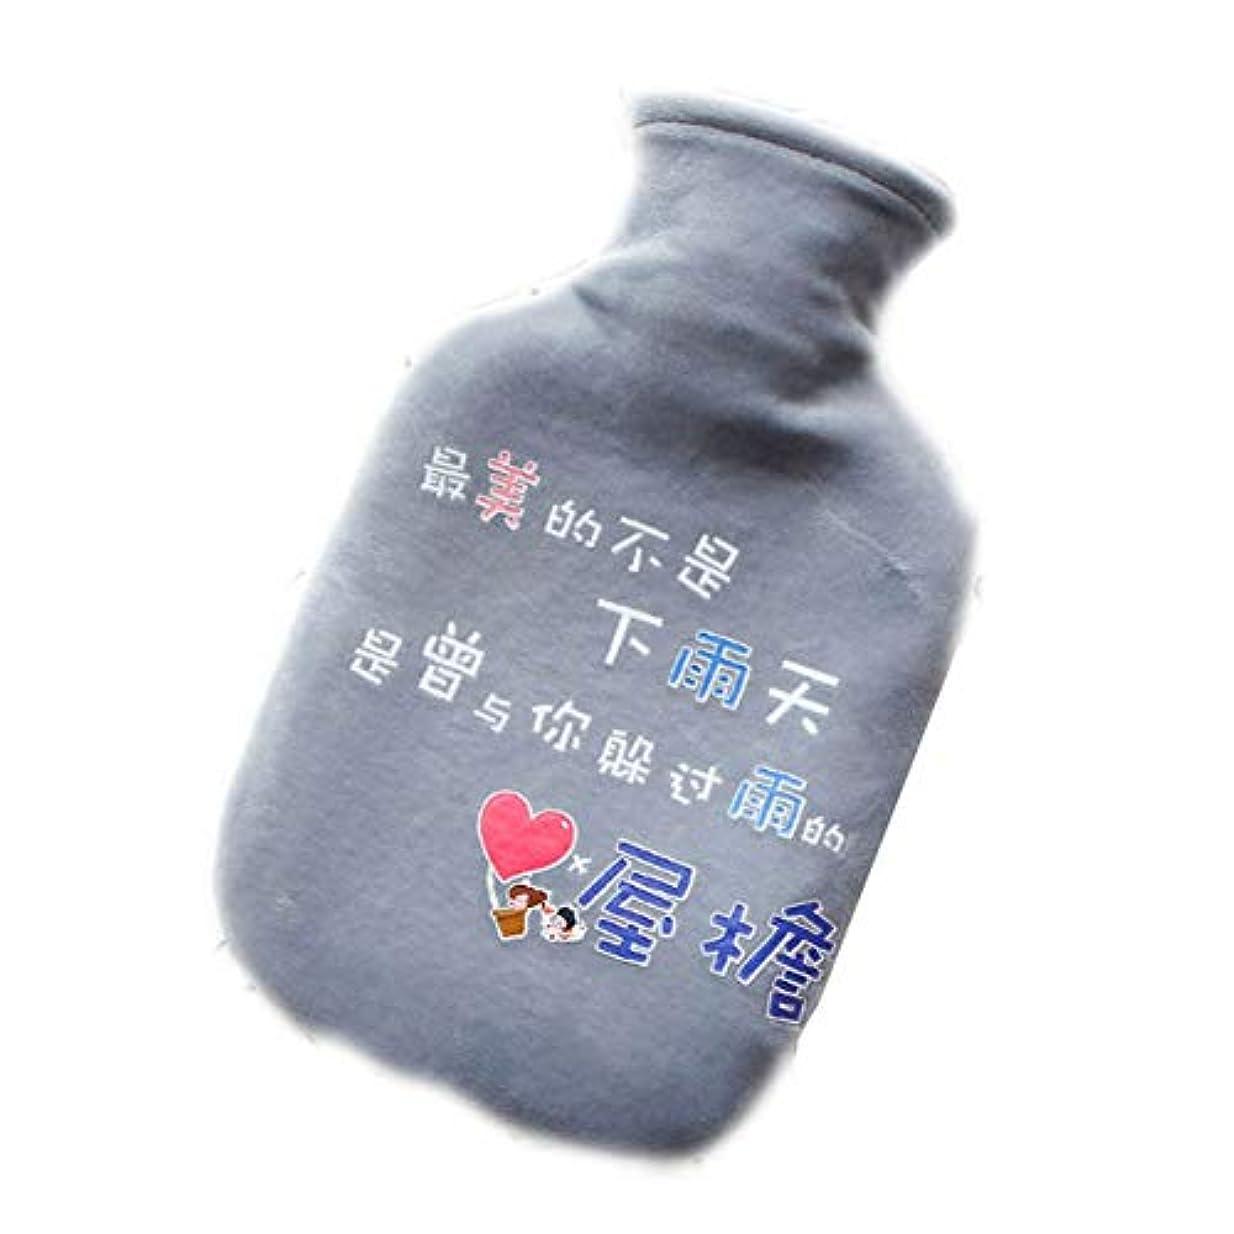 ぬれたエンジンジョリーかわいい湯たんぽミニハンドウォーマー750ミリリットルの学生女性の温水バッグ